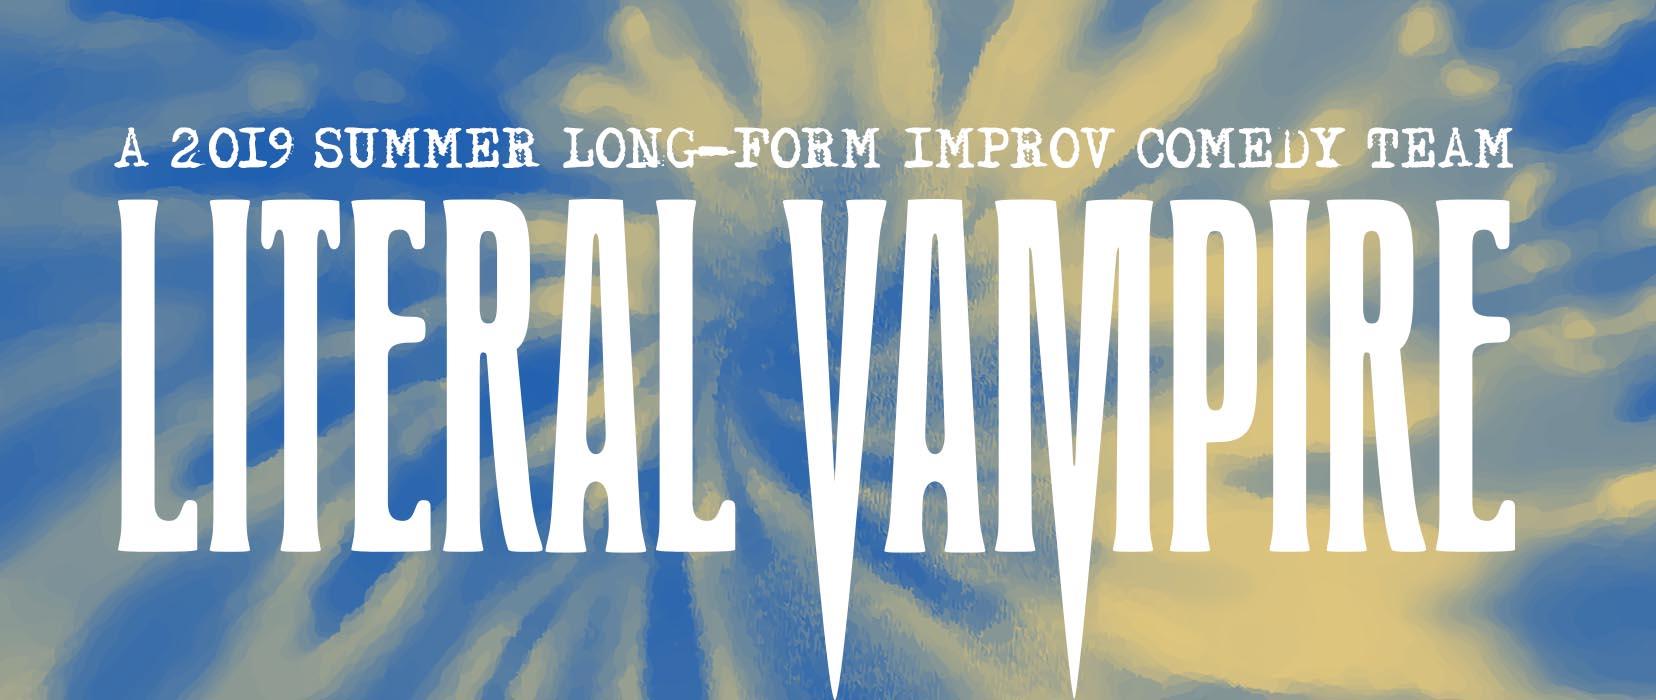 Literal vampire branding